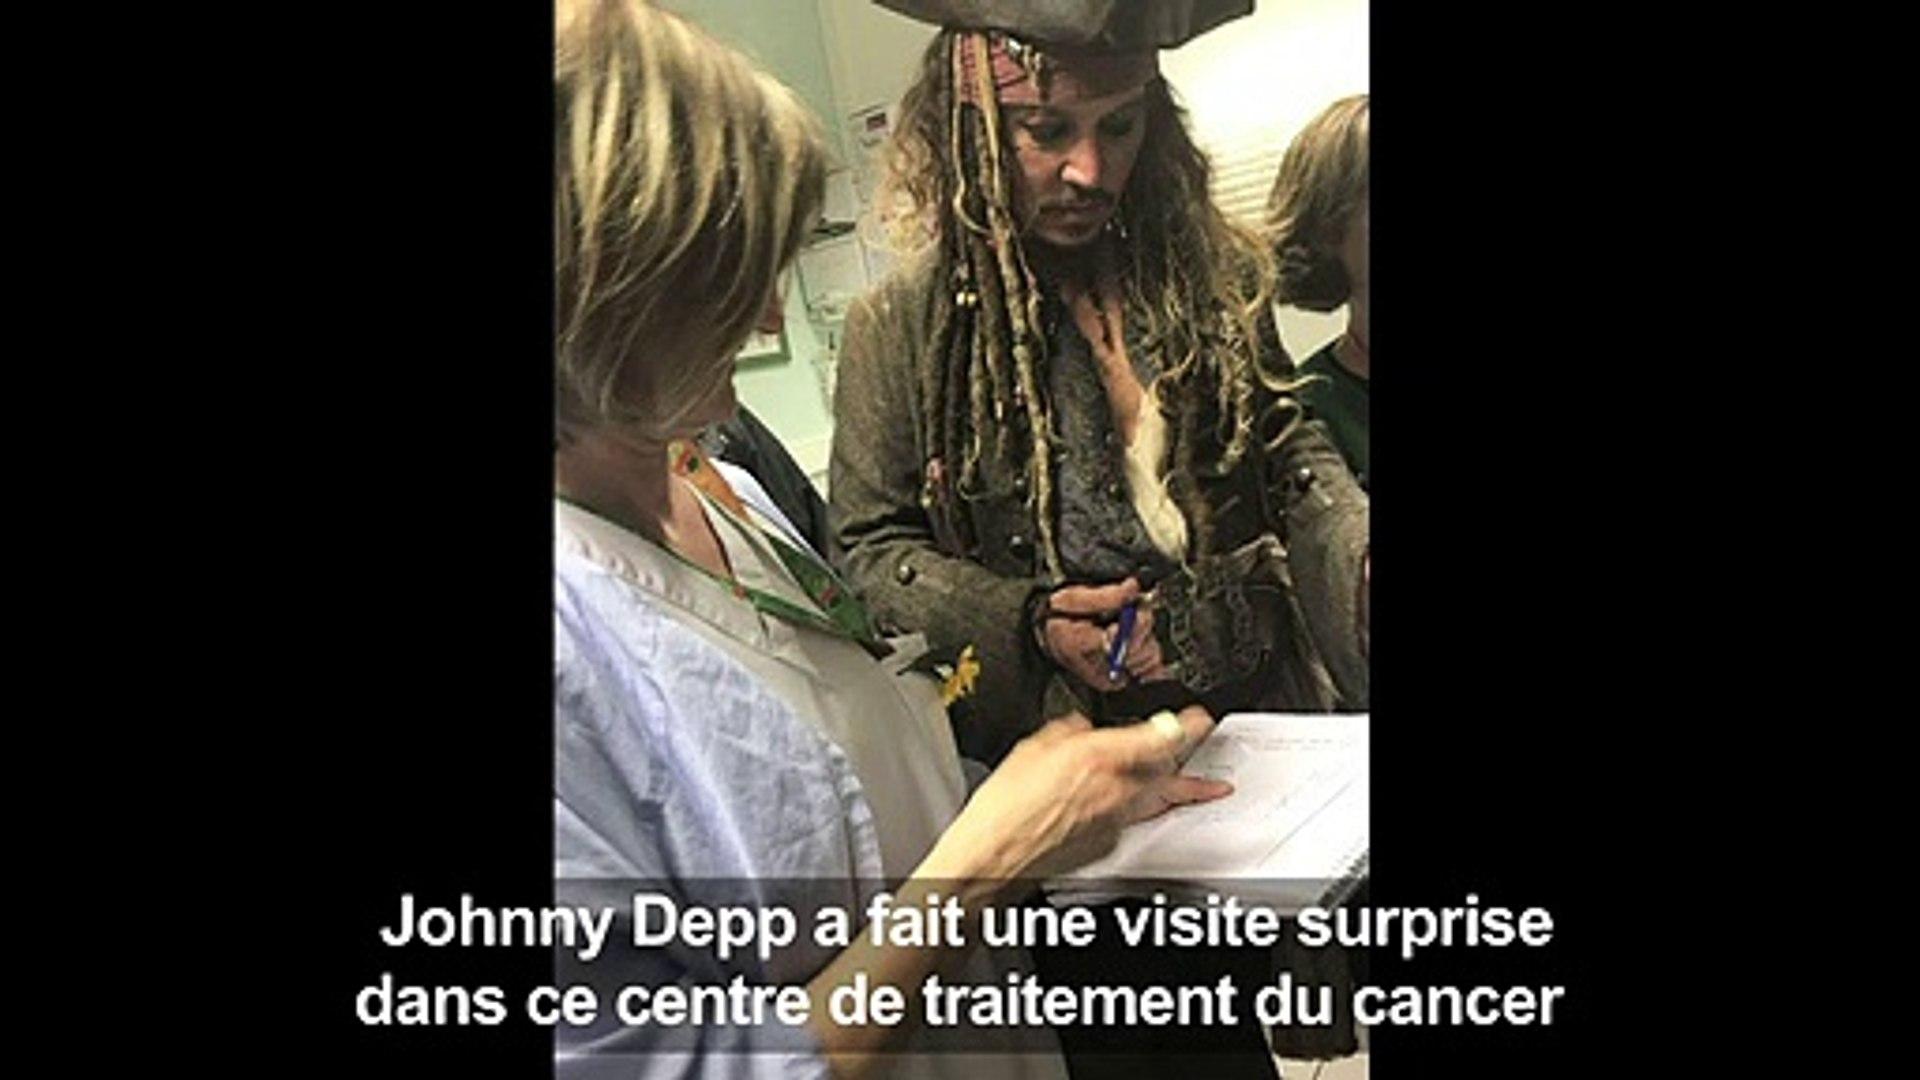 Johnny Depp, en Jack Sparrow, visite des enfants malades à Paris